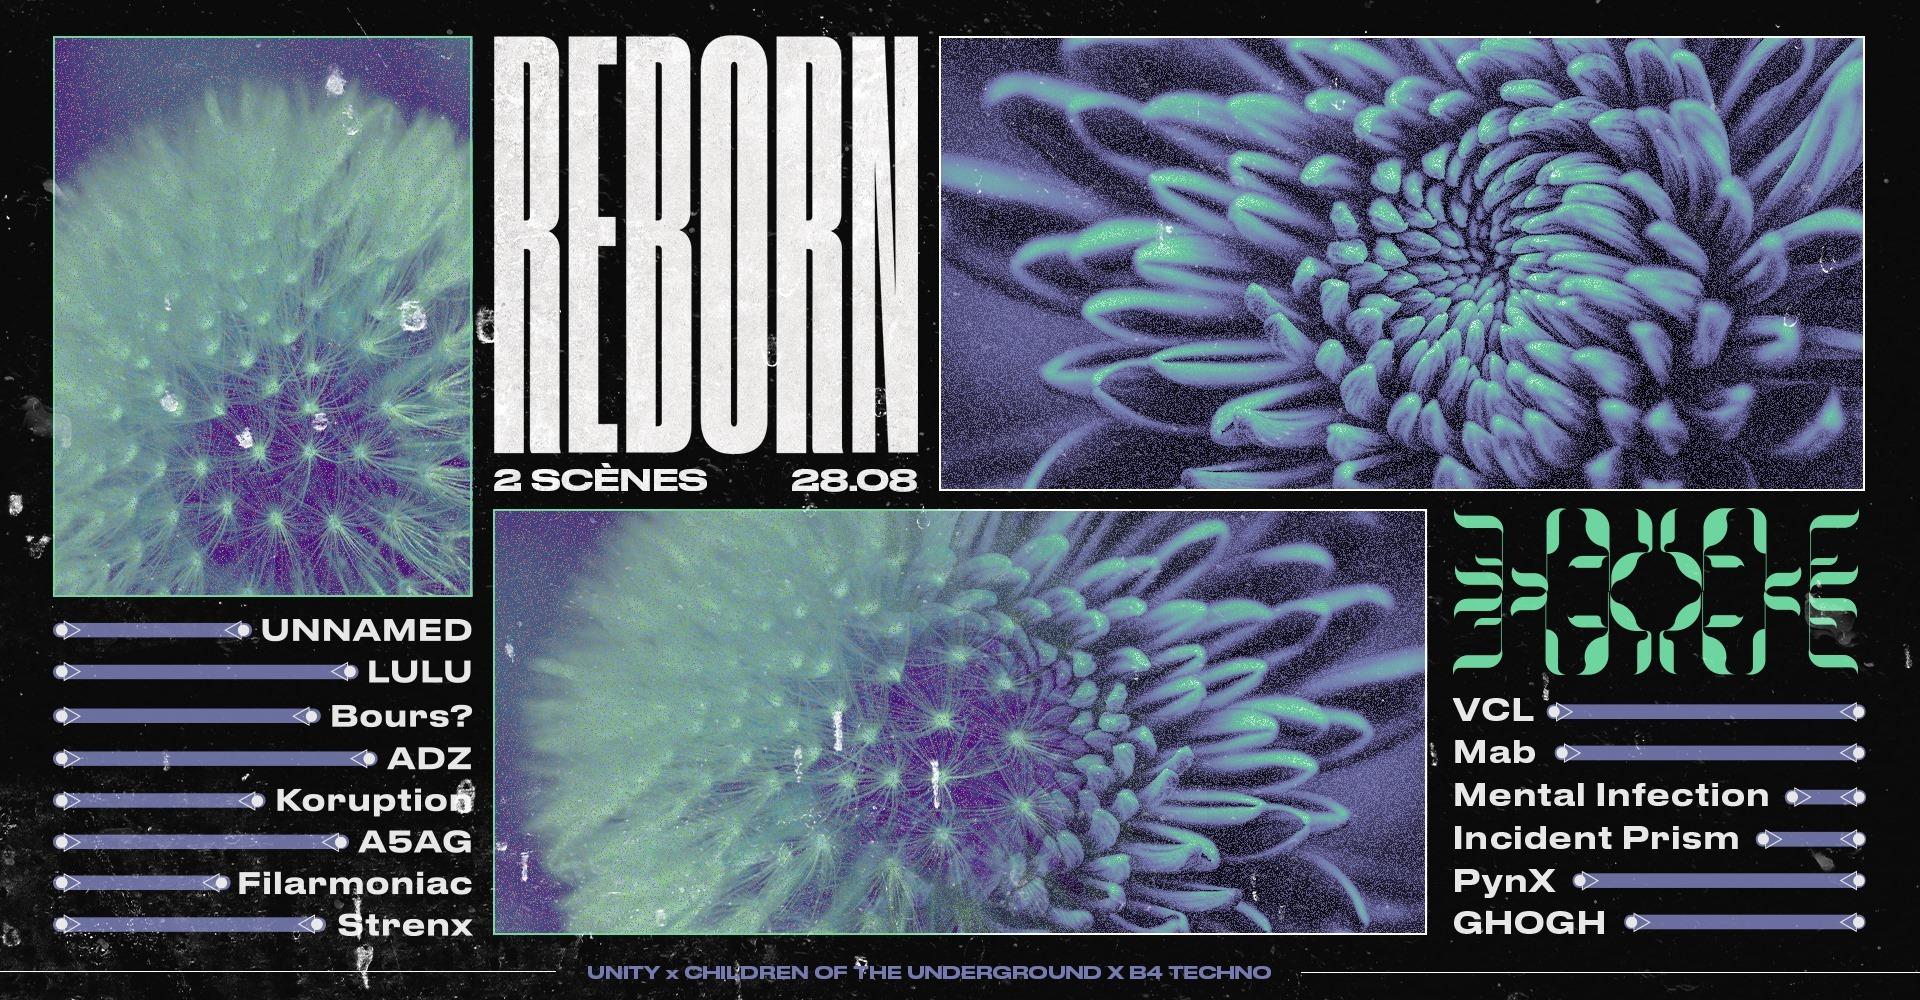 Unity x CTU x B4 present Reborn